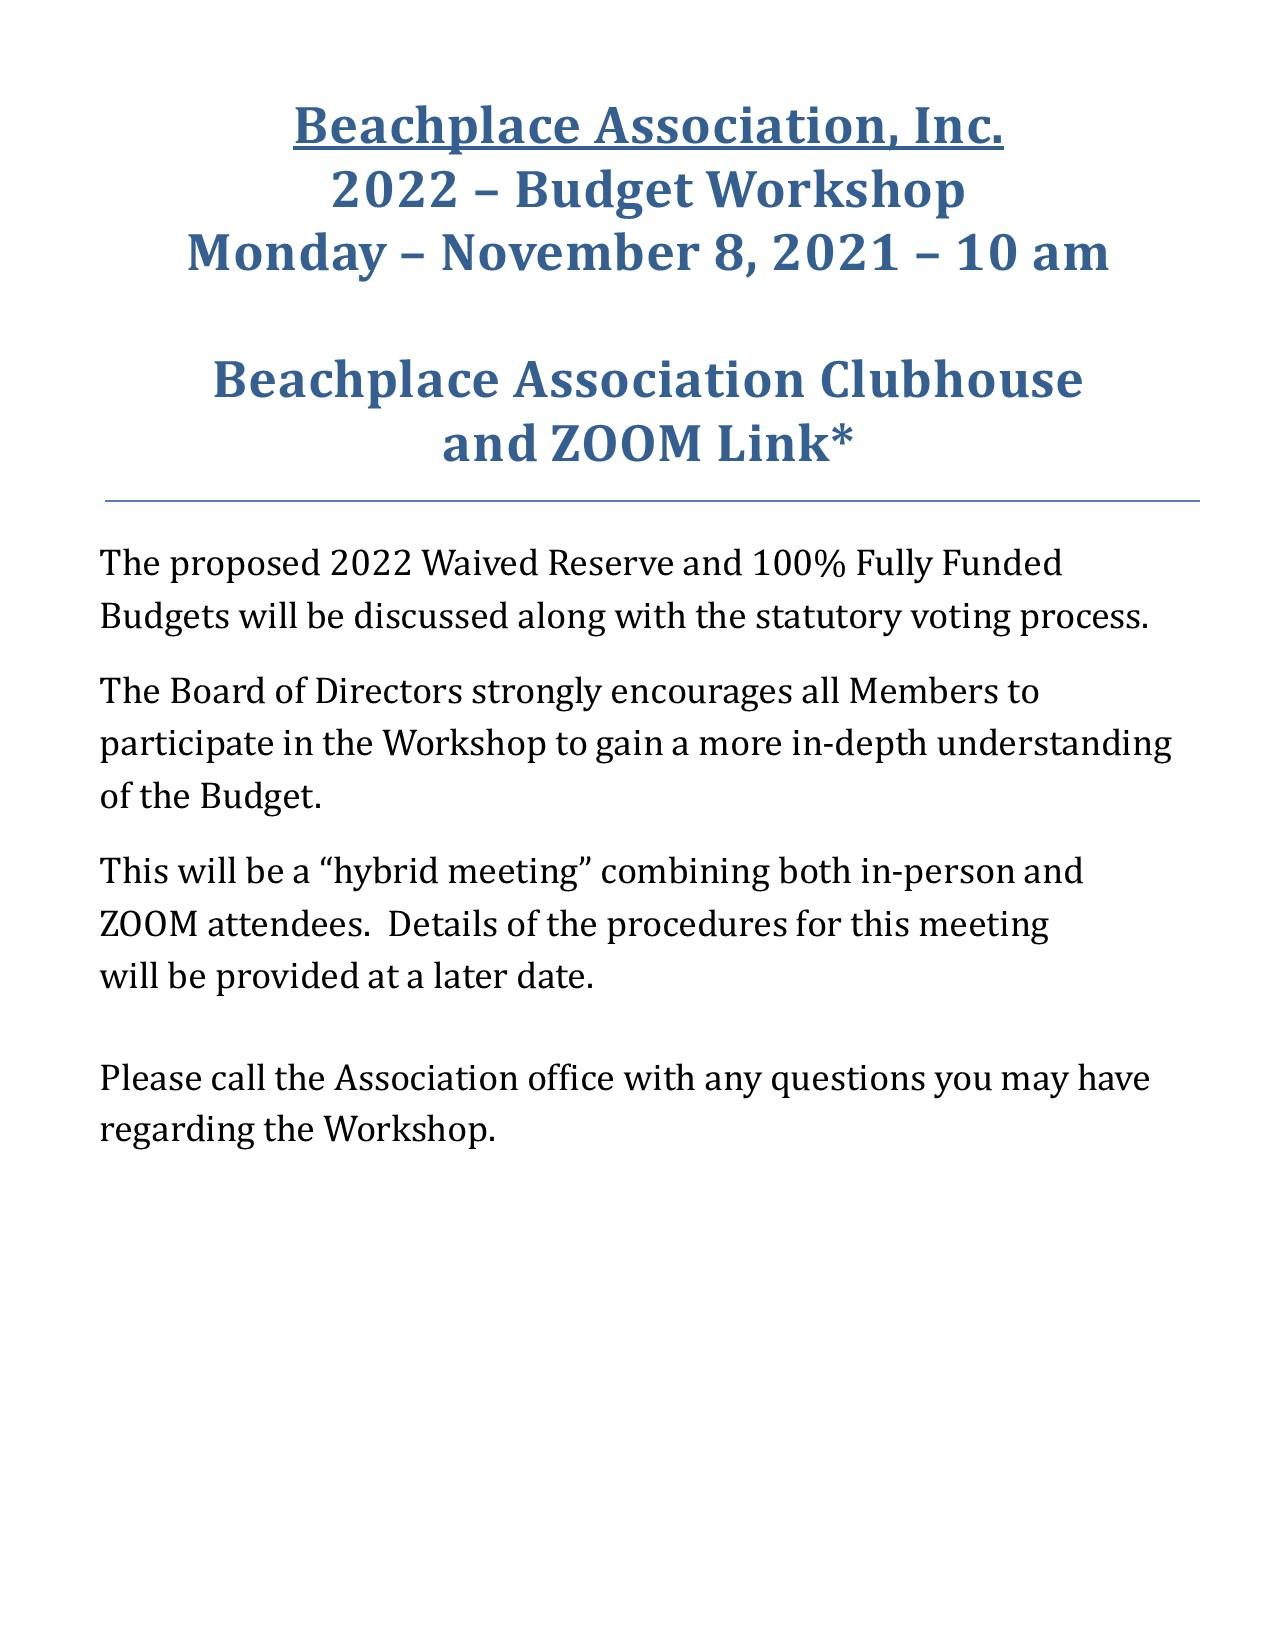 2022 BUDGET WORKSHOP